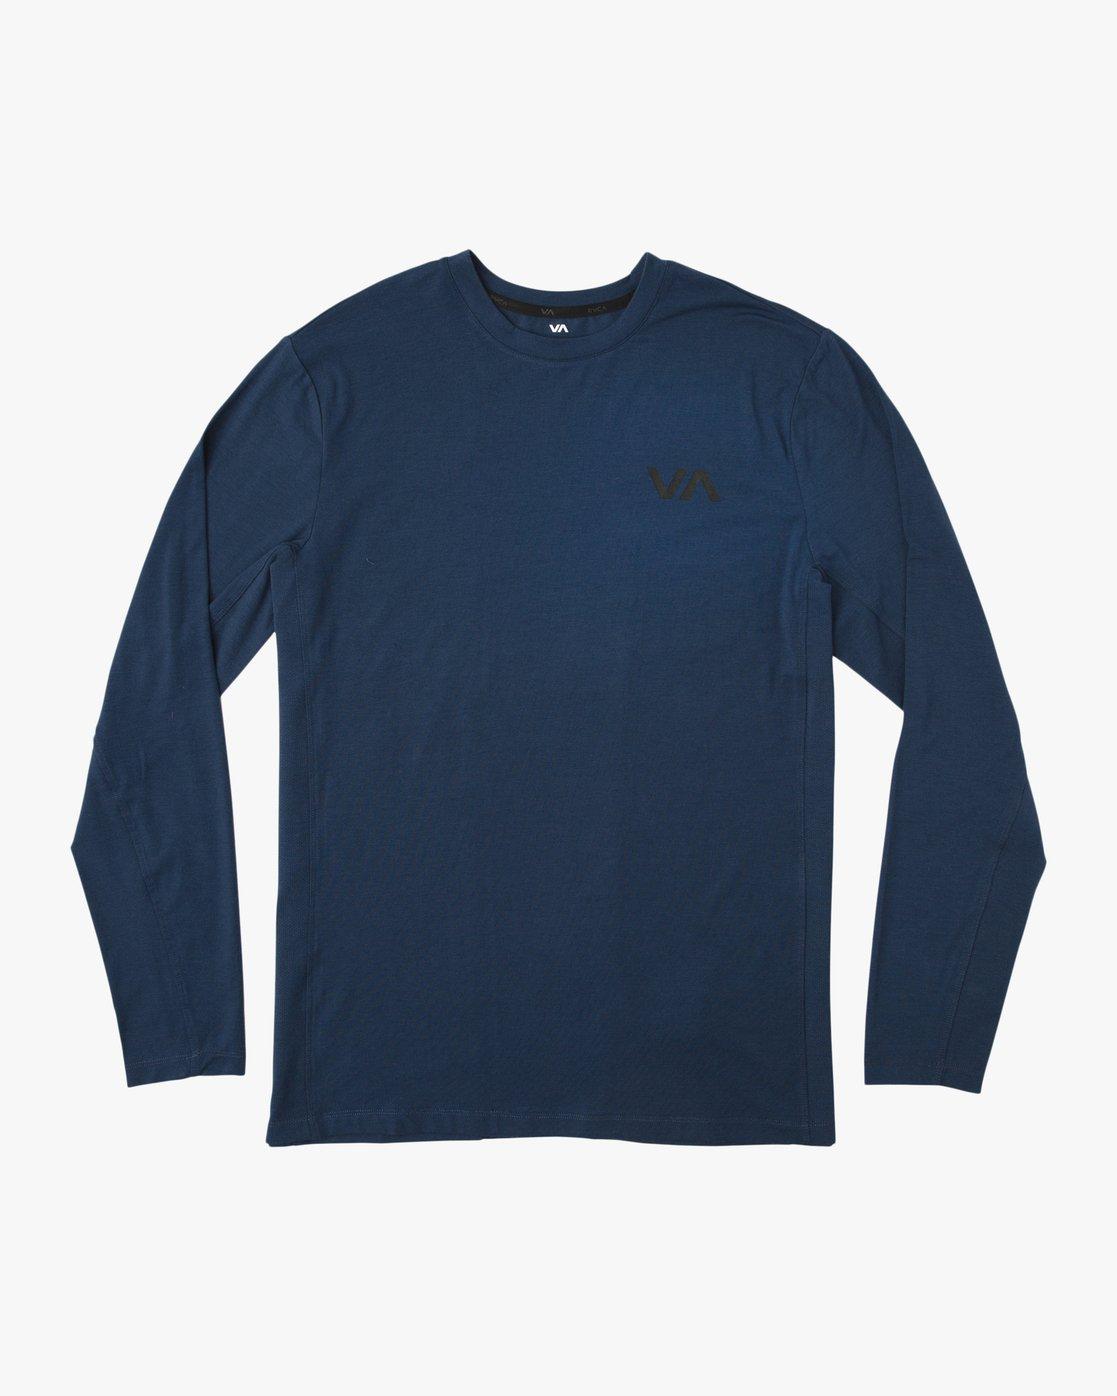 0 VA Vent Long Sleeve Top Blue V903QRVL RVCA